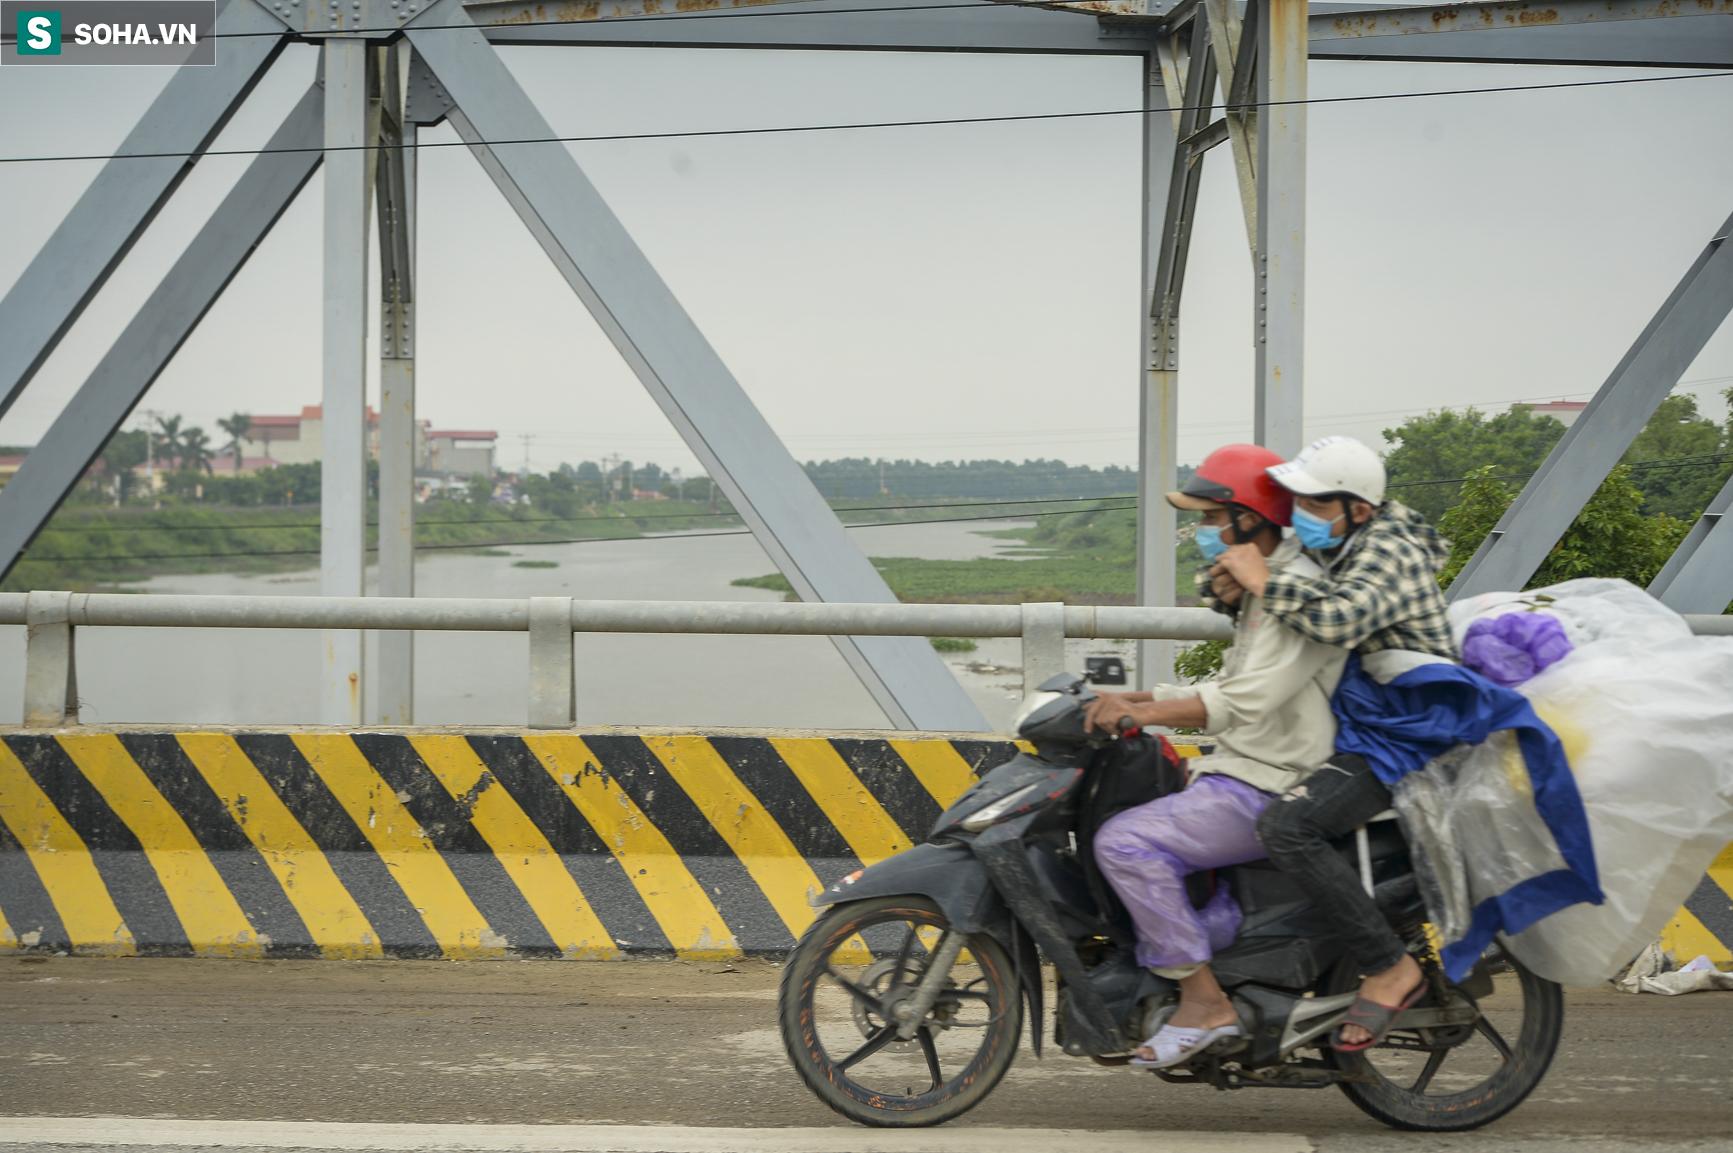 Đi xe máy hơn 1.500km ra Hà Nội, 2 bố con ăn ngủ tại chốt Cầu Giẽ chờ người đưa đi cách ly - Ảnh 12.